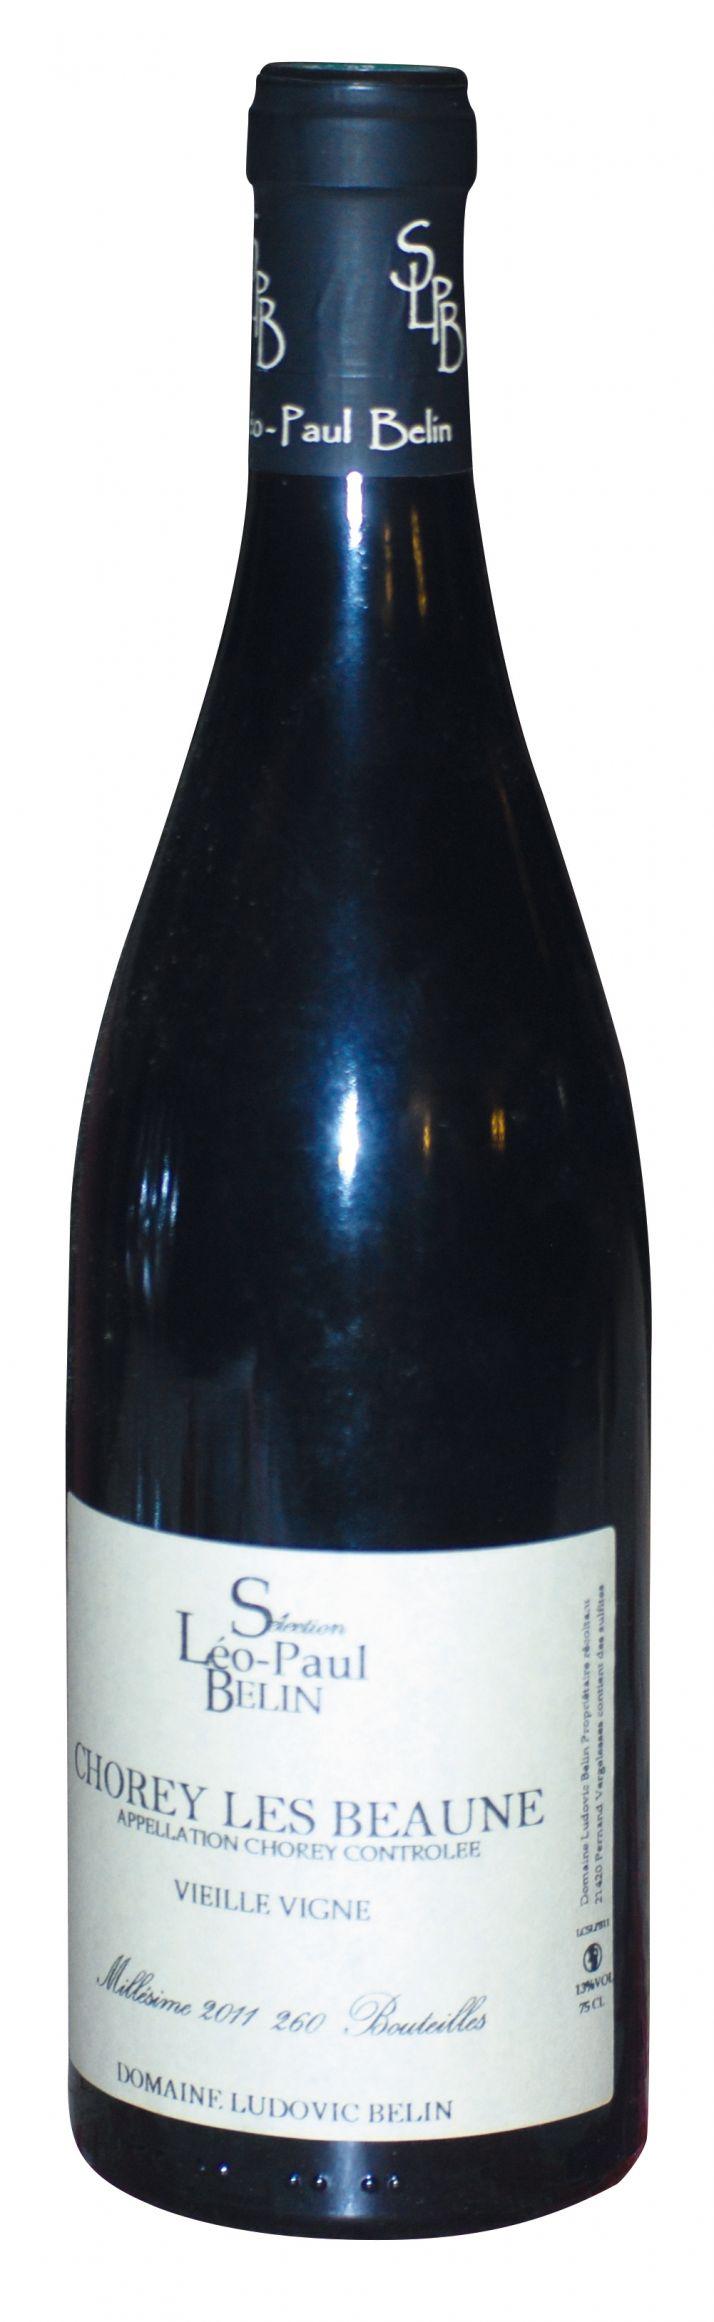 Chaque année depuis 2006, Ludovic Belin réunit un jury de dégustateurs pour choisir le meilleur fût de chaque appellation. Il est ensuite mis en bouteilles avec la mention «Sélection Léo-Paul Belin ou Sélection Elliott Belin», du nom de ses deux fils.